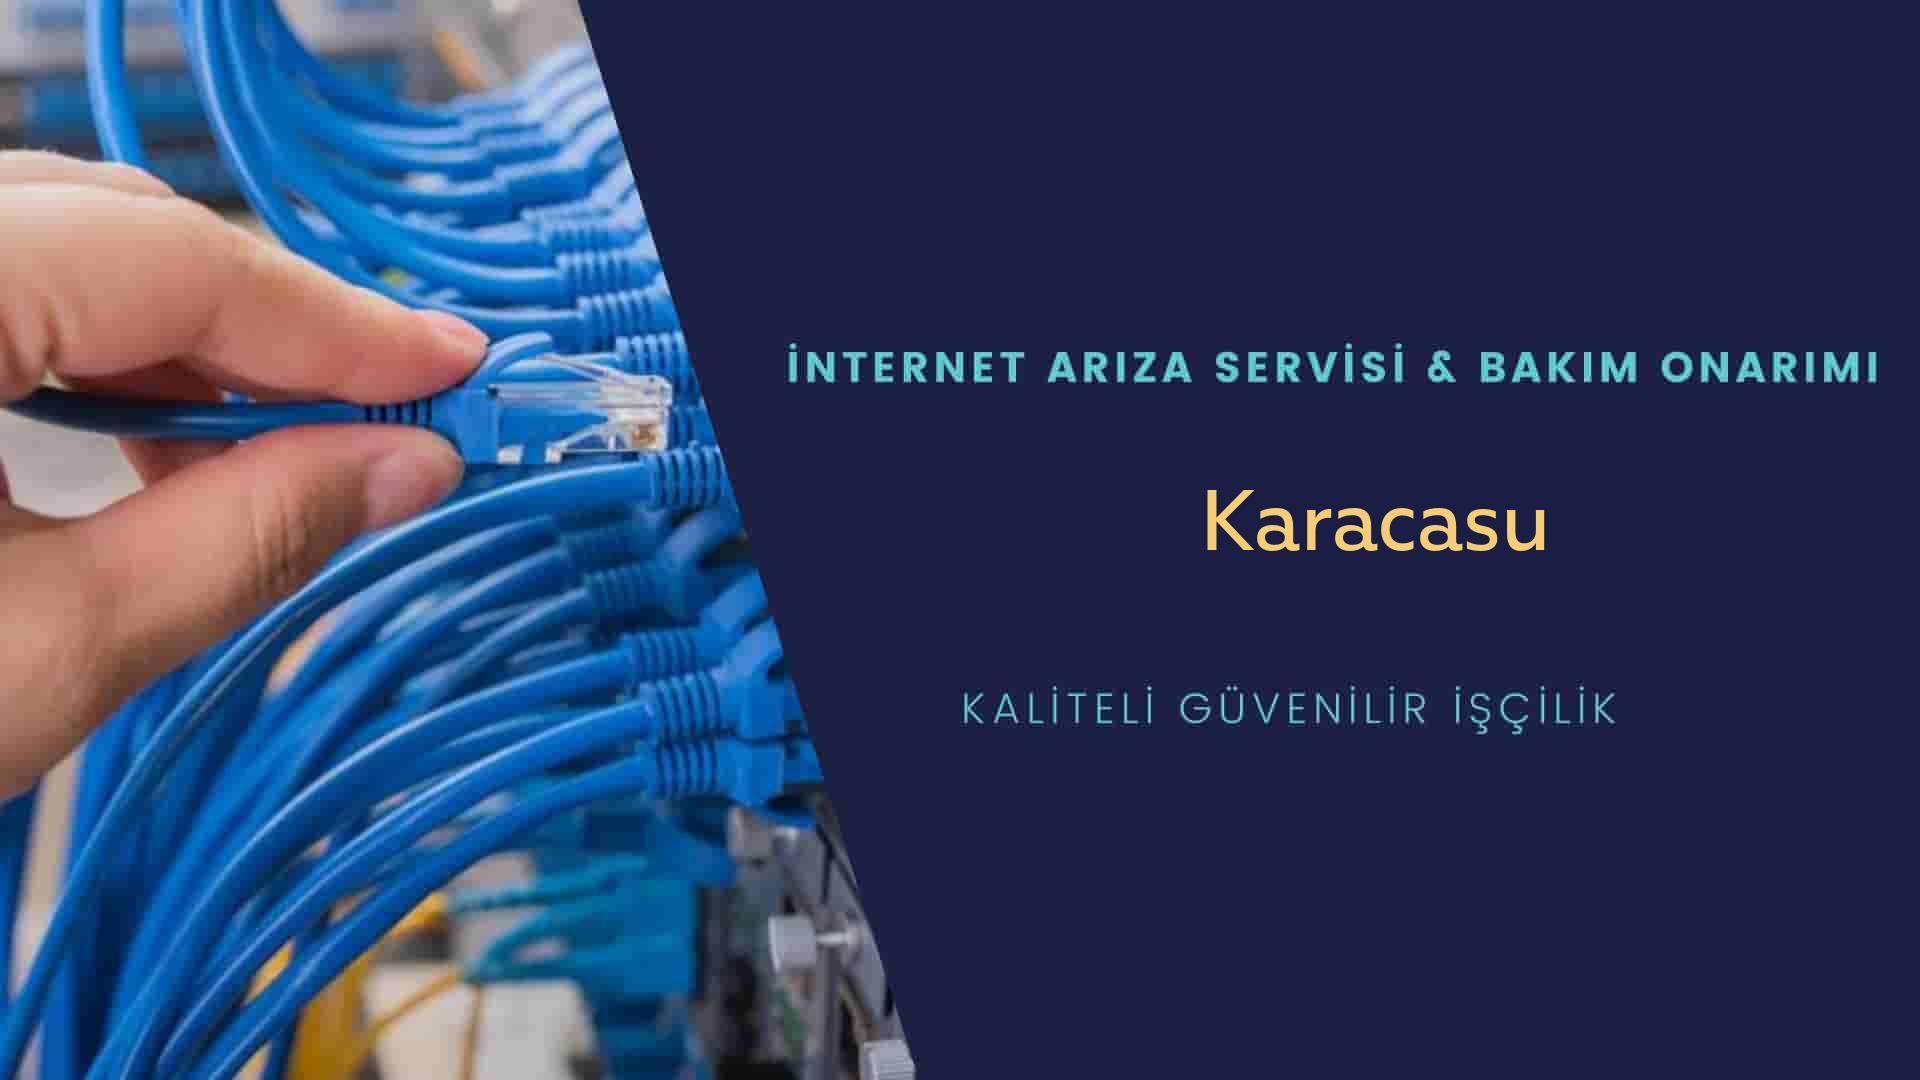 Karacasu internet kablosu çekimi yapan yerler veya elektrikçiler mi? arıyorsunuz doğru yerdesiniz o zaman sizlere 7/24 yardımcı olacak profesyonel ustalarımız bir telefon kadar yakındır size.